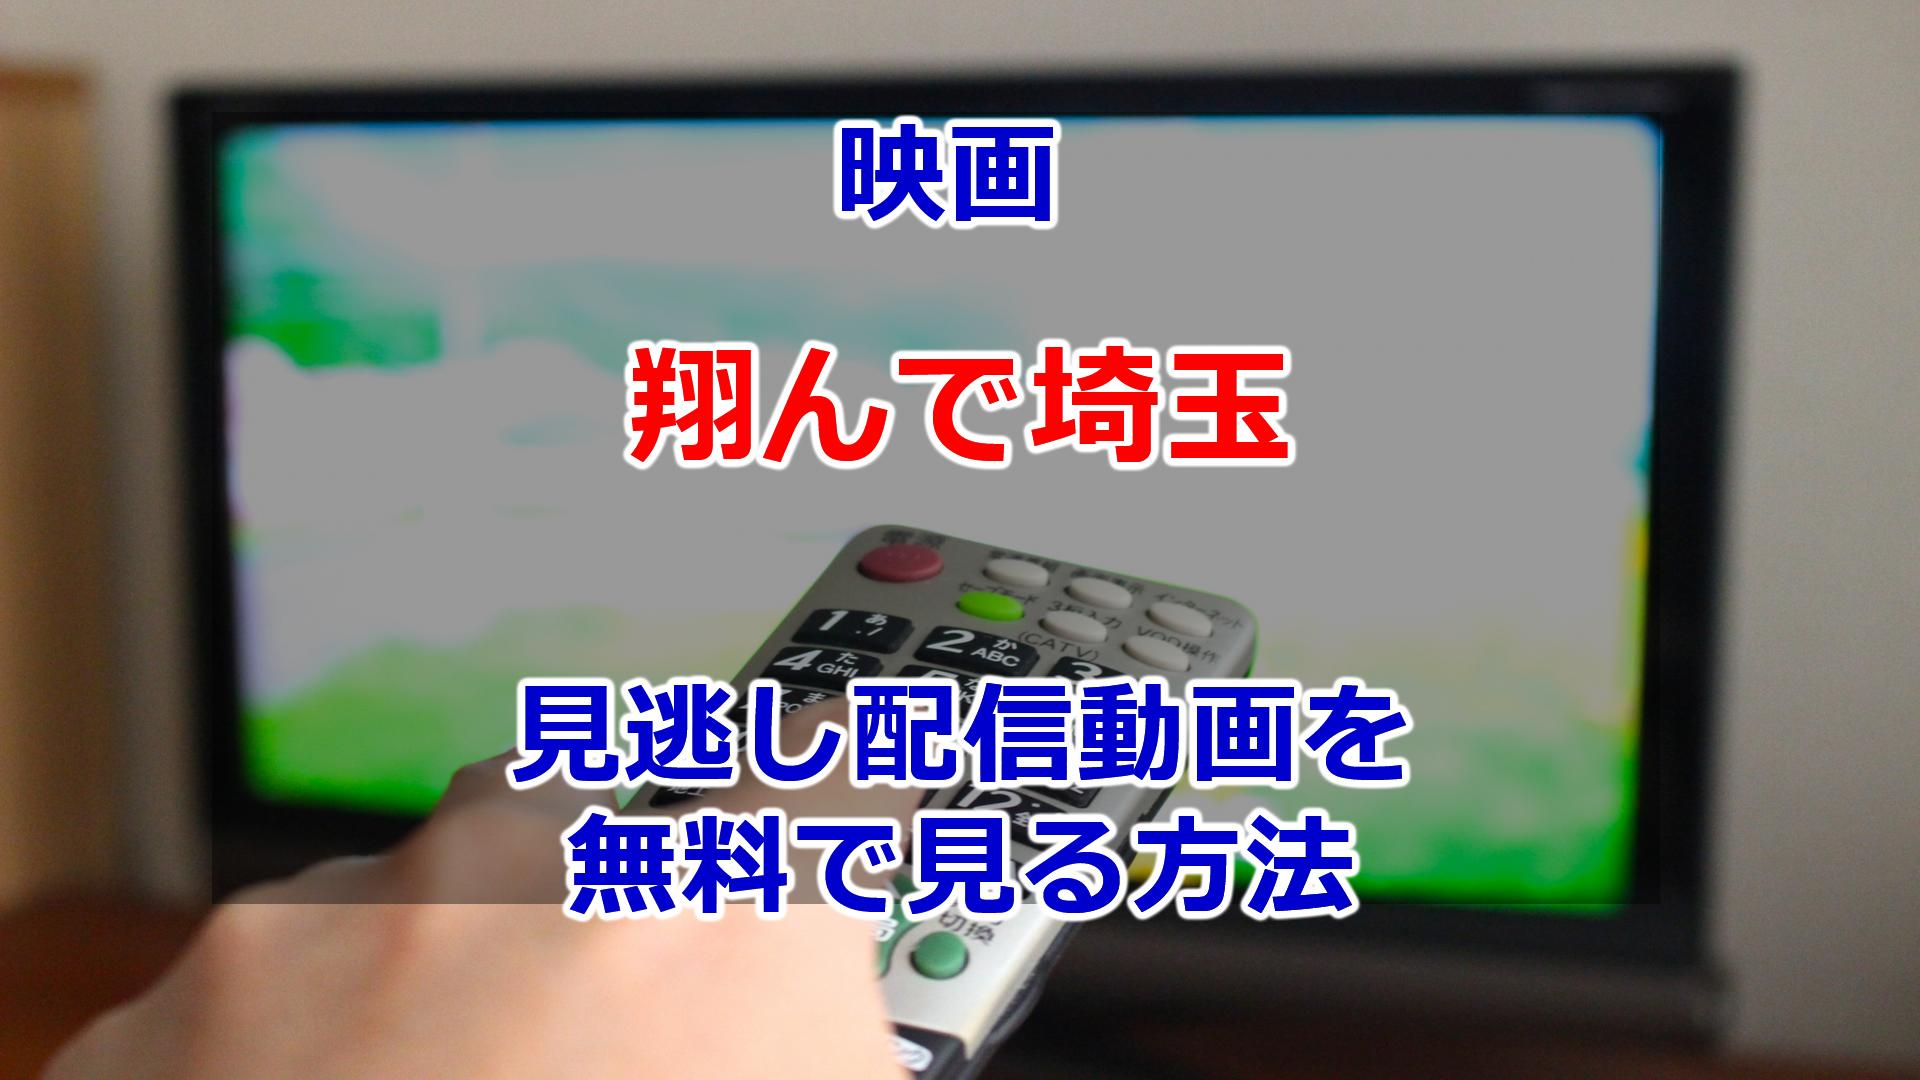 翔んで埼玉 フル動画